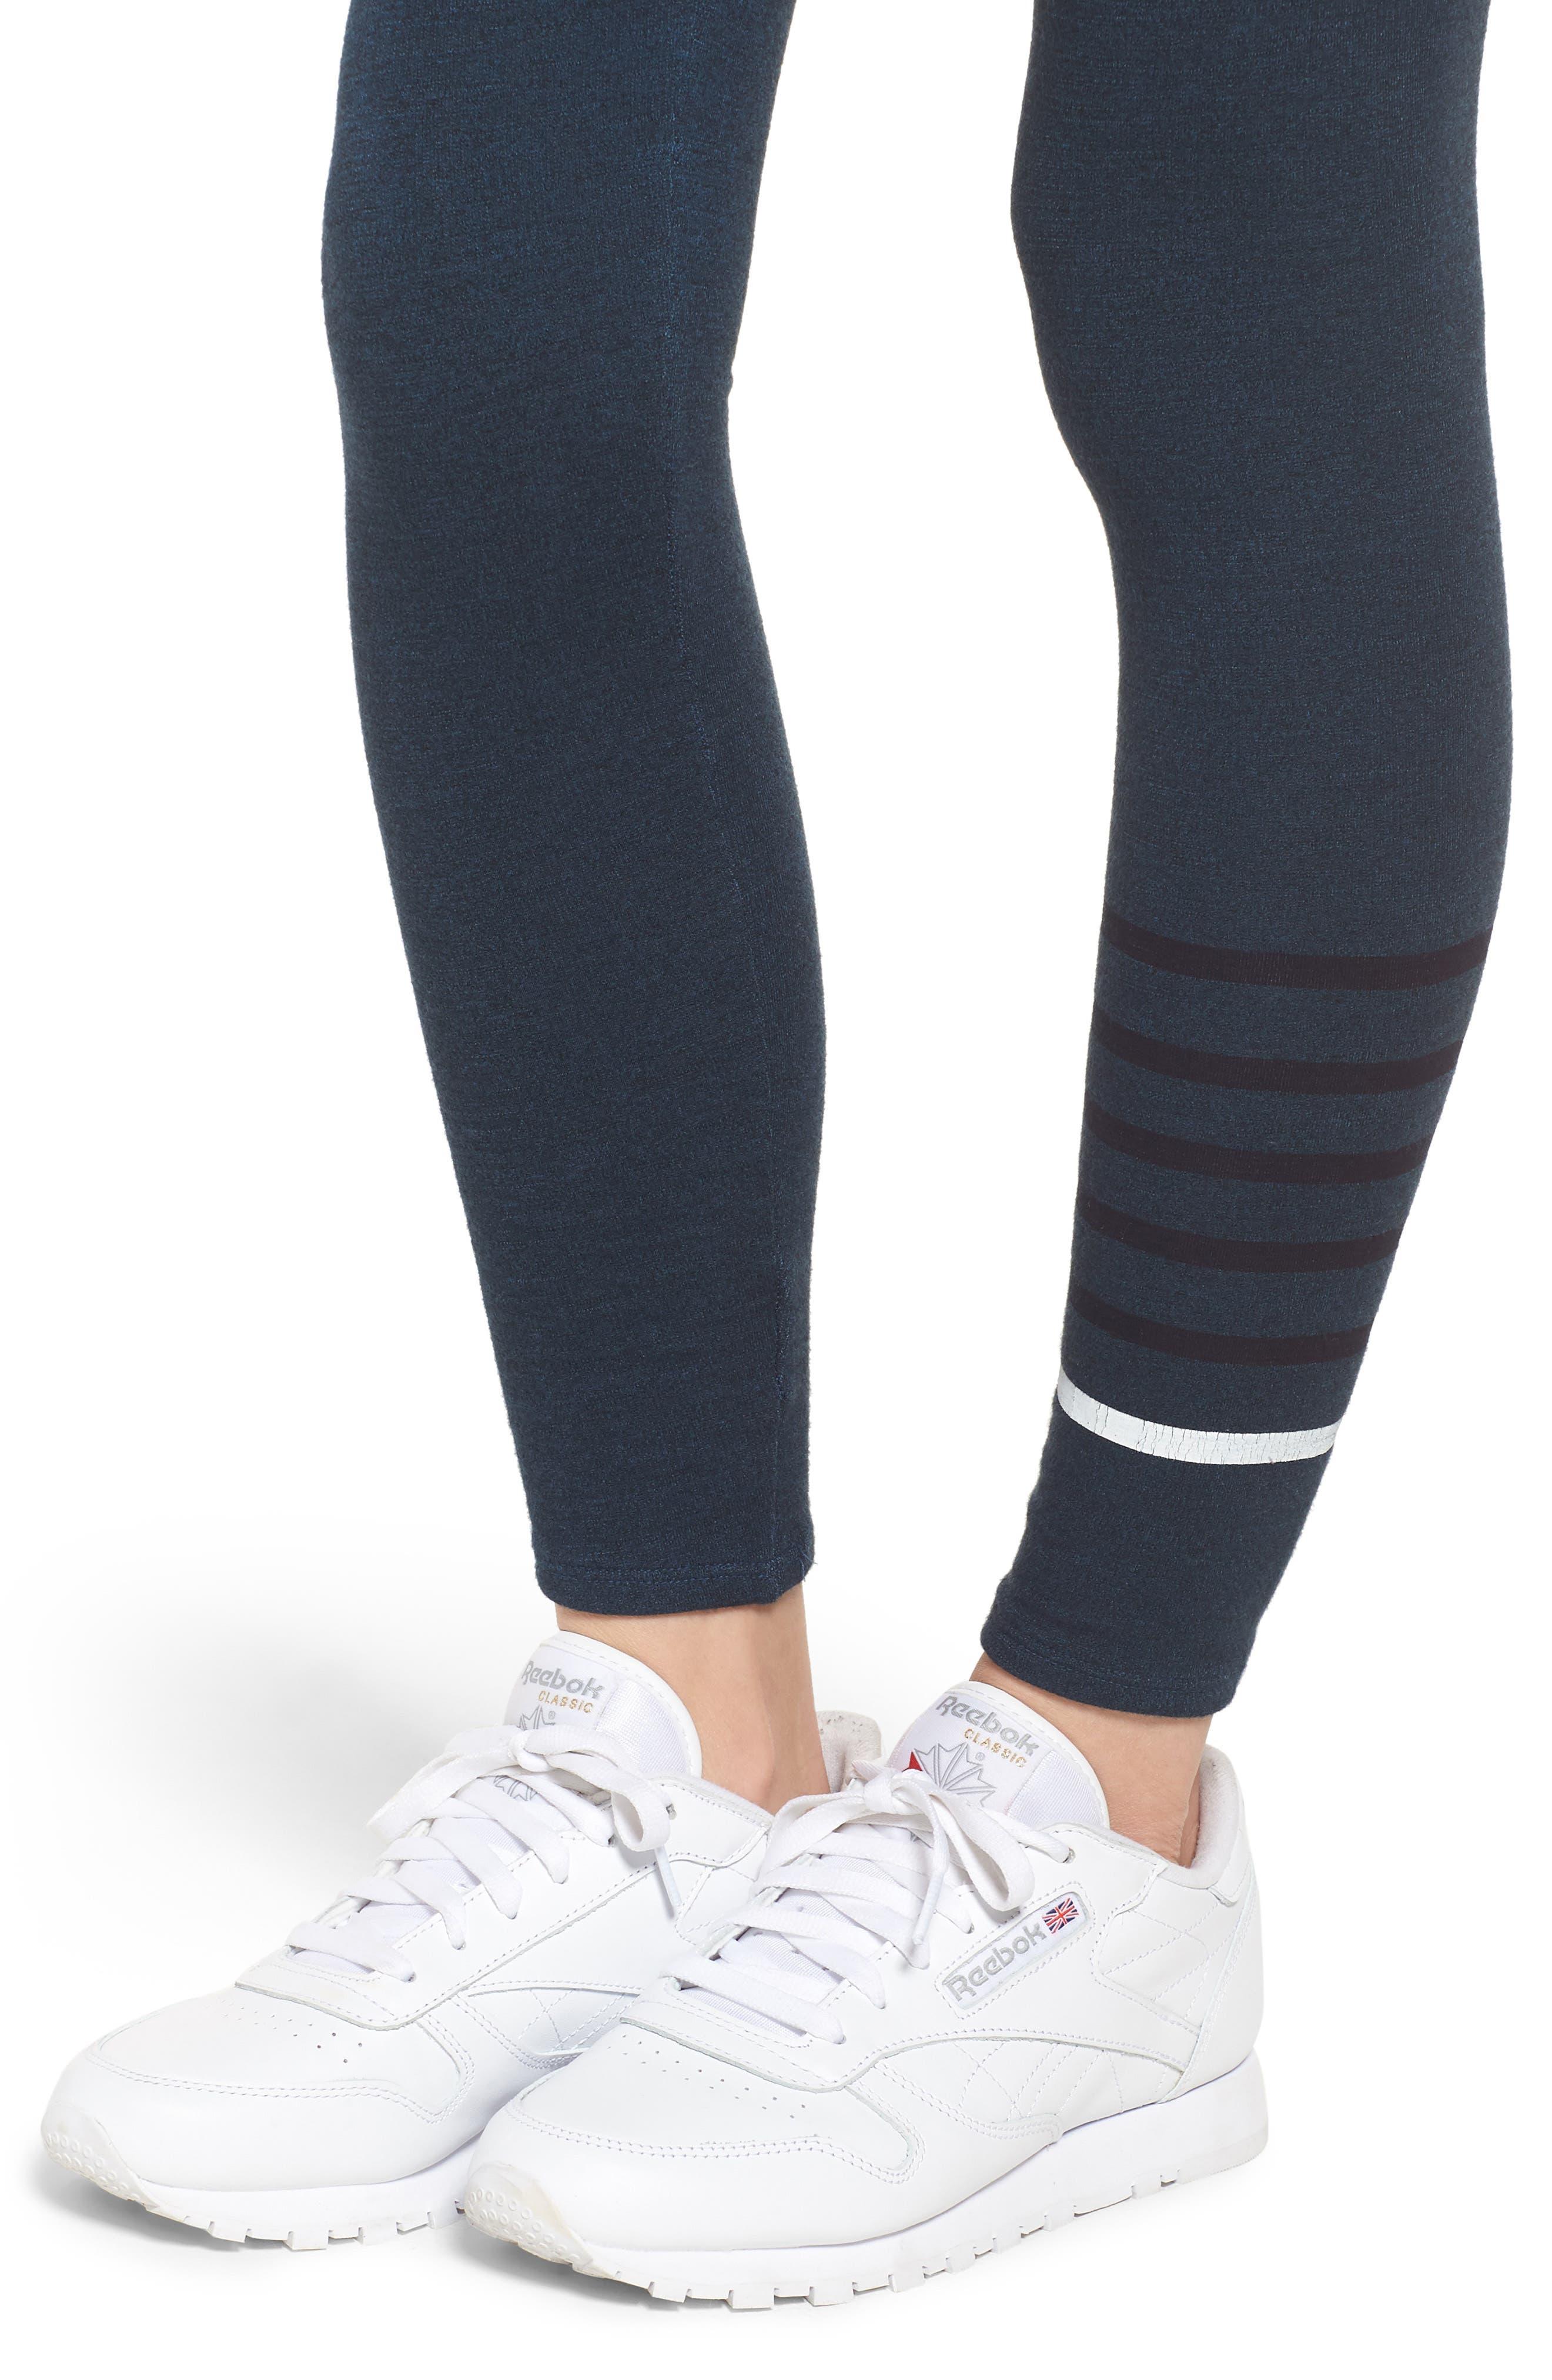 Stripe Yoga Pants,                             Alternate thumbnail 4, color,                             STORM